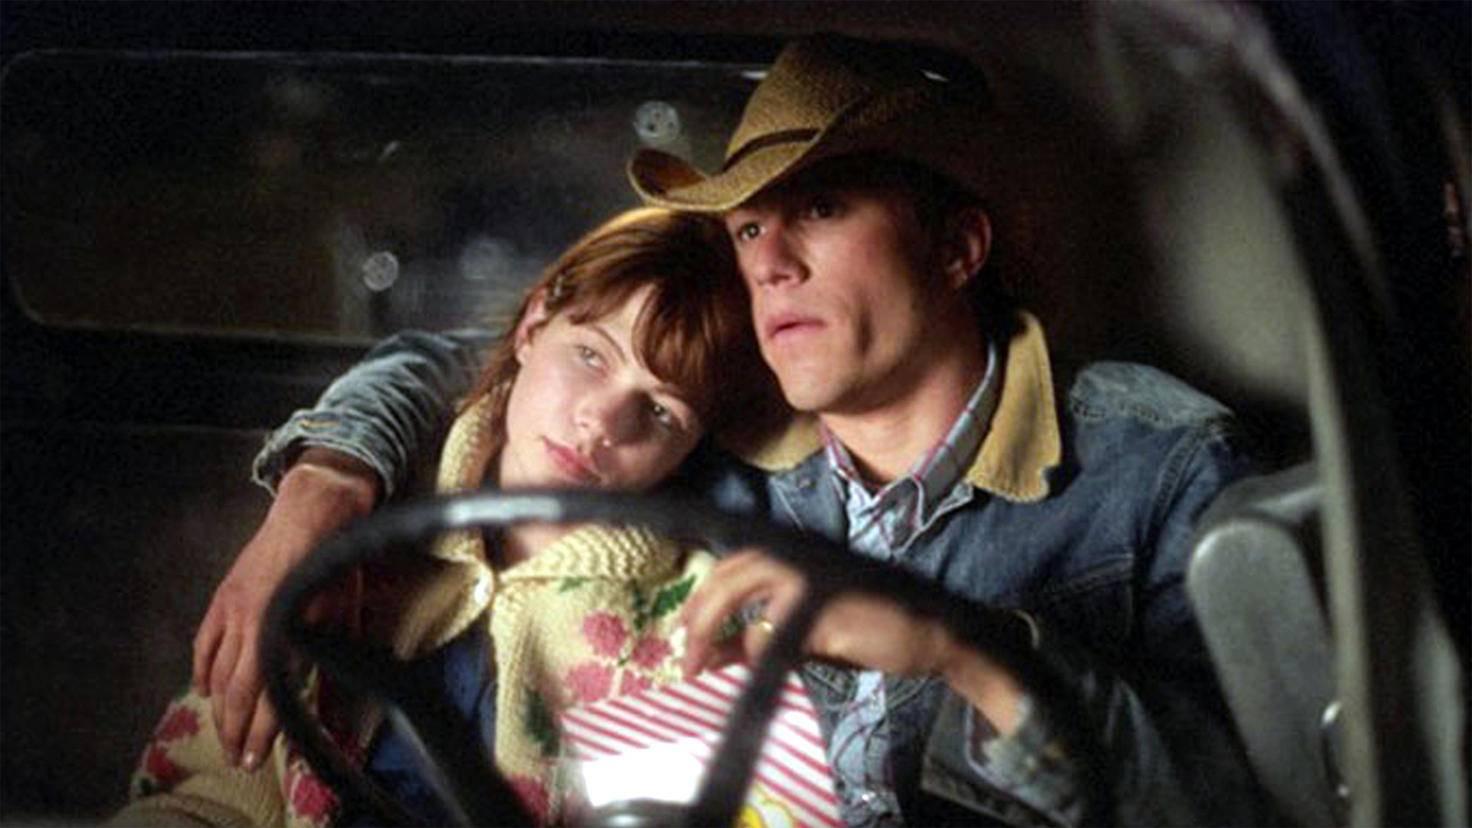 Die Beziehung von Heath Ledger und Michelle Williams war leider nur von kurzer Dauer.